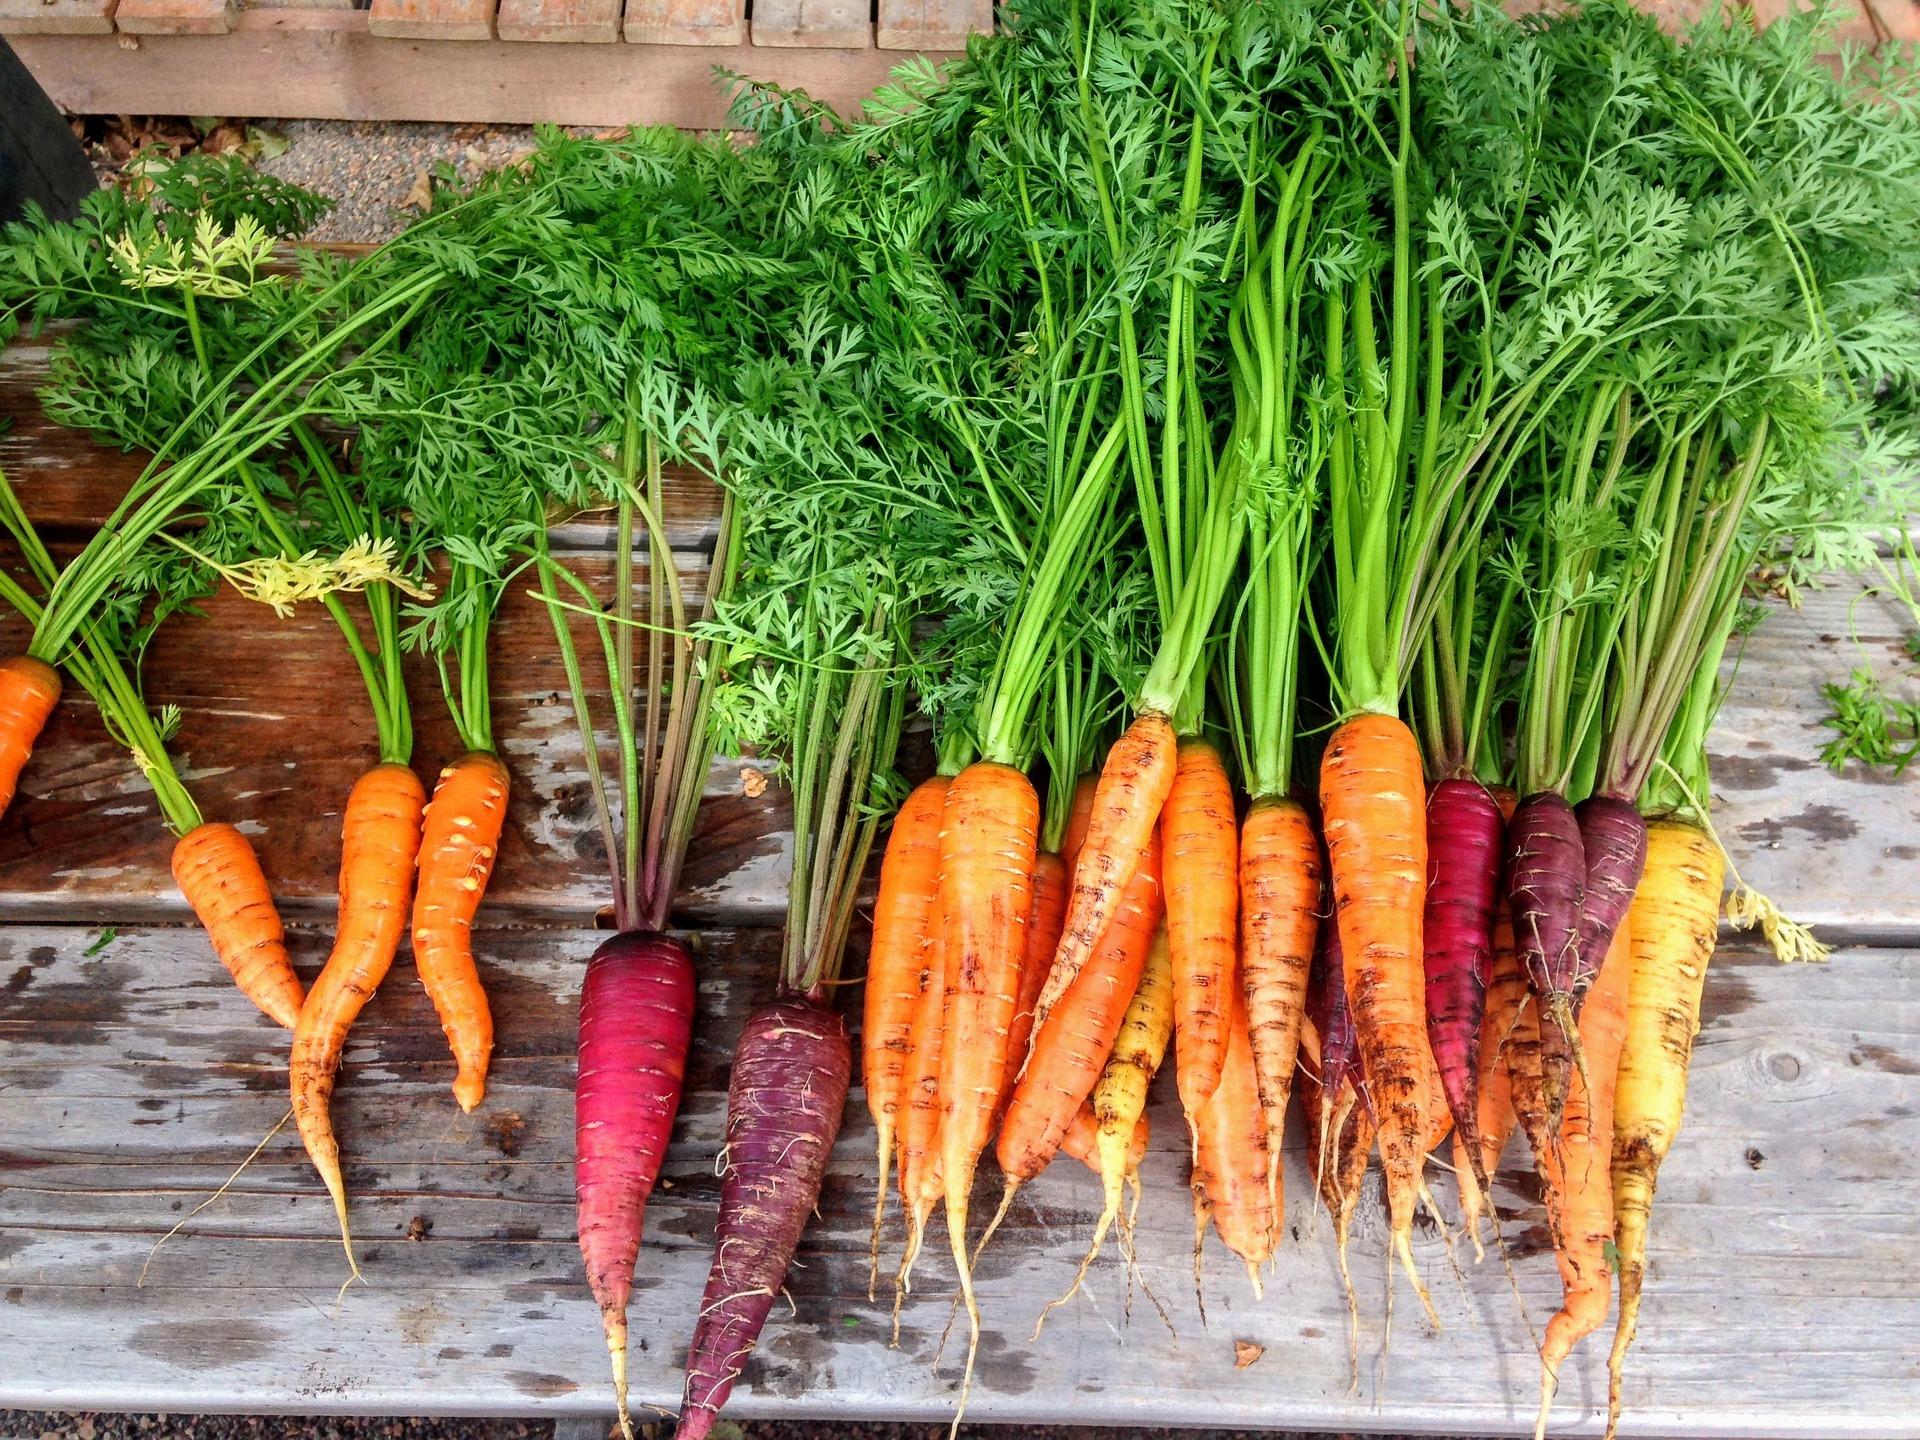 La importancia de la innovación y del desarrollo de proyectos en el sector agroalimentario